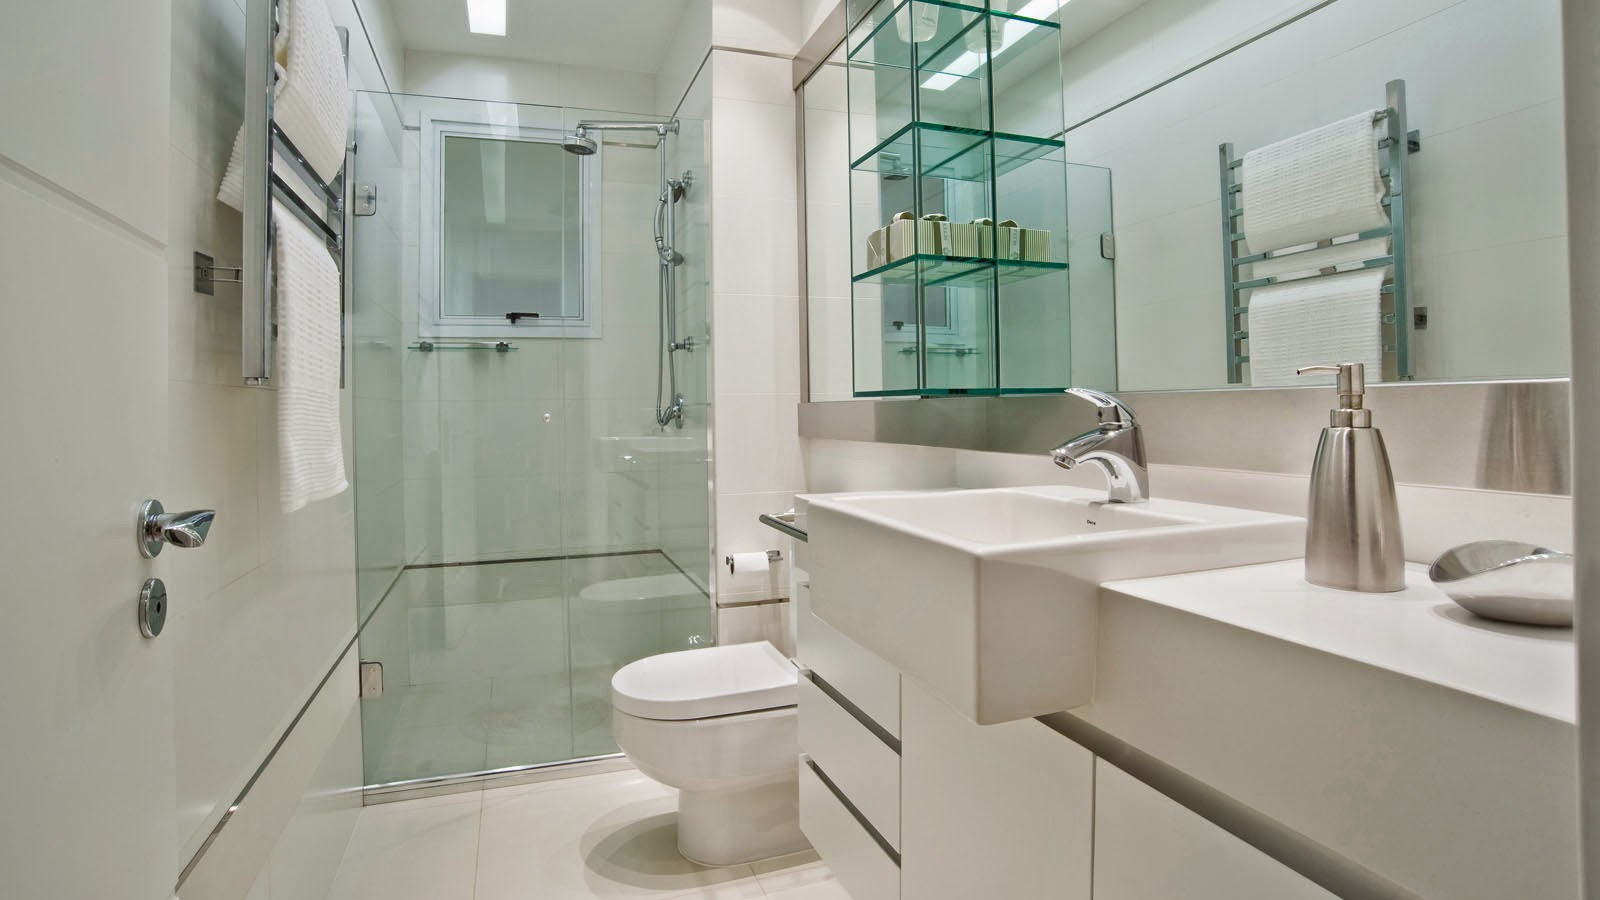 banheiro deve ser prático sim mas também bonito. Quem não se sente #476E61 1600x900 Banheiro Bonito E Pequeno